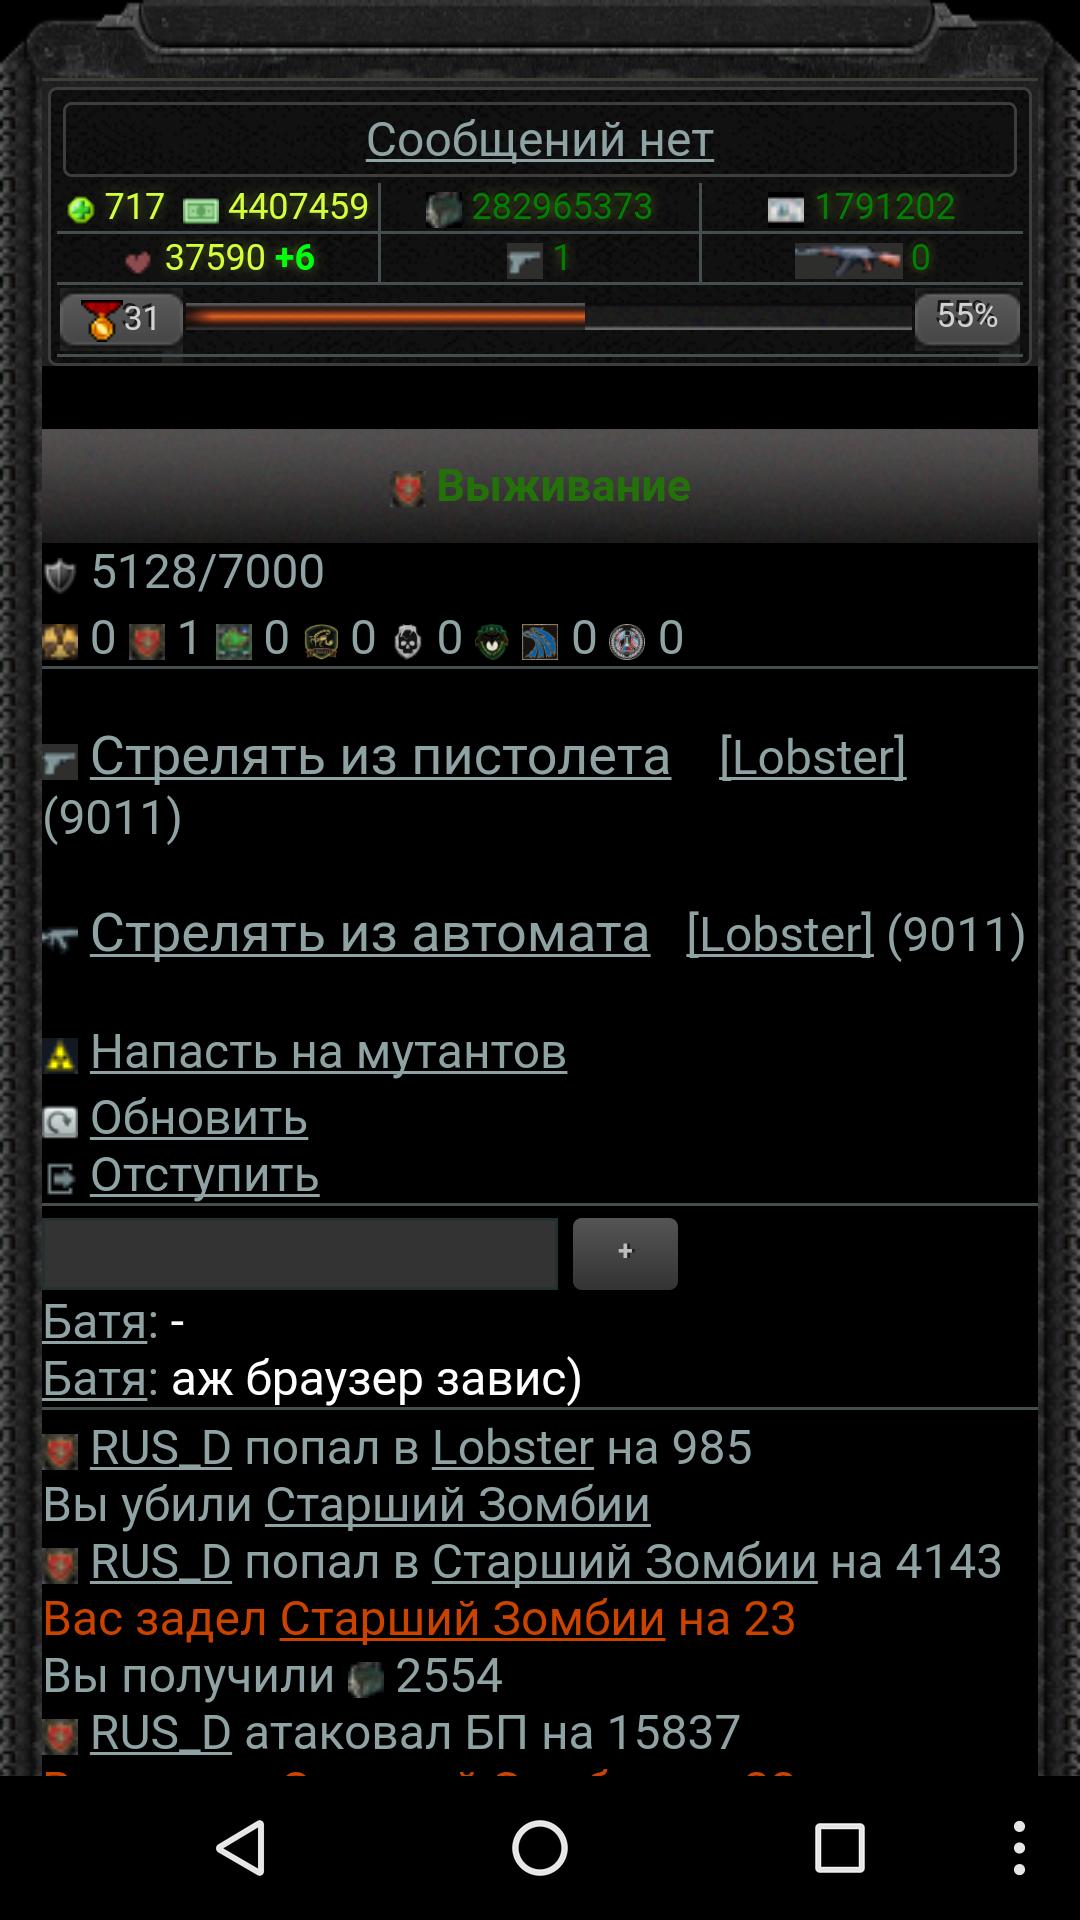 a7ea44b4b188a3df8aba94bbf644d571.png